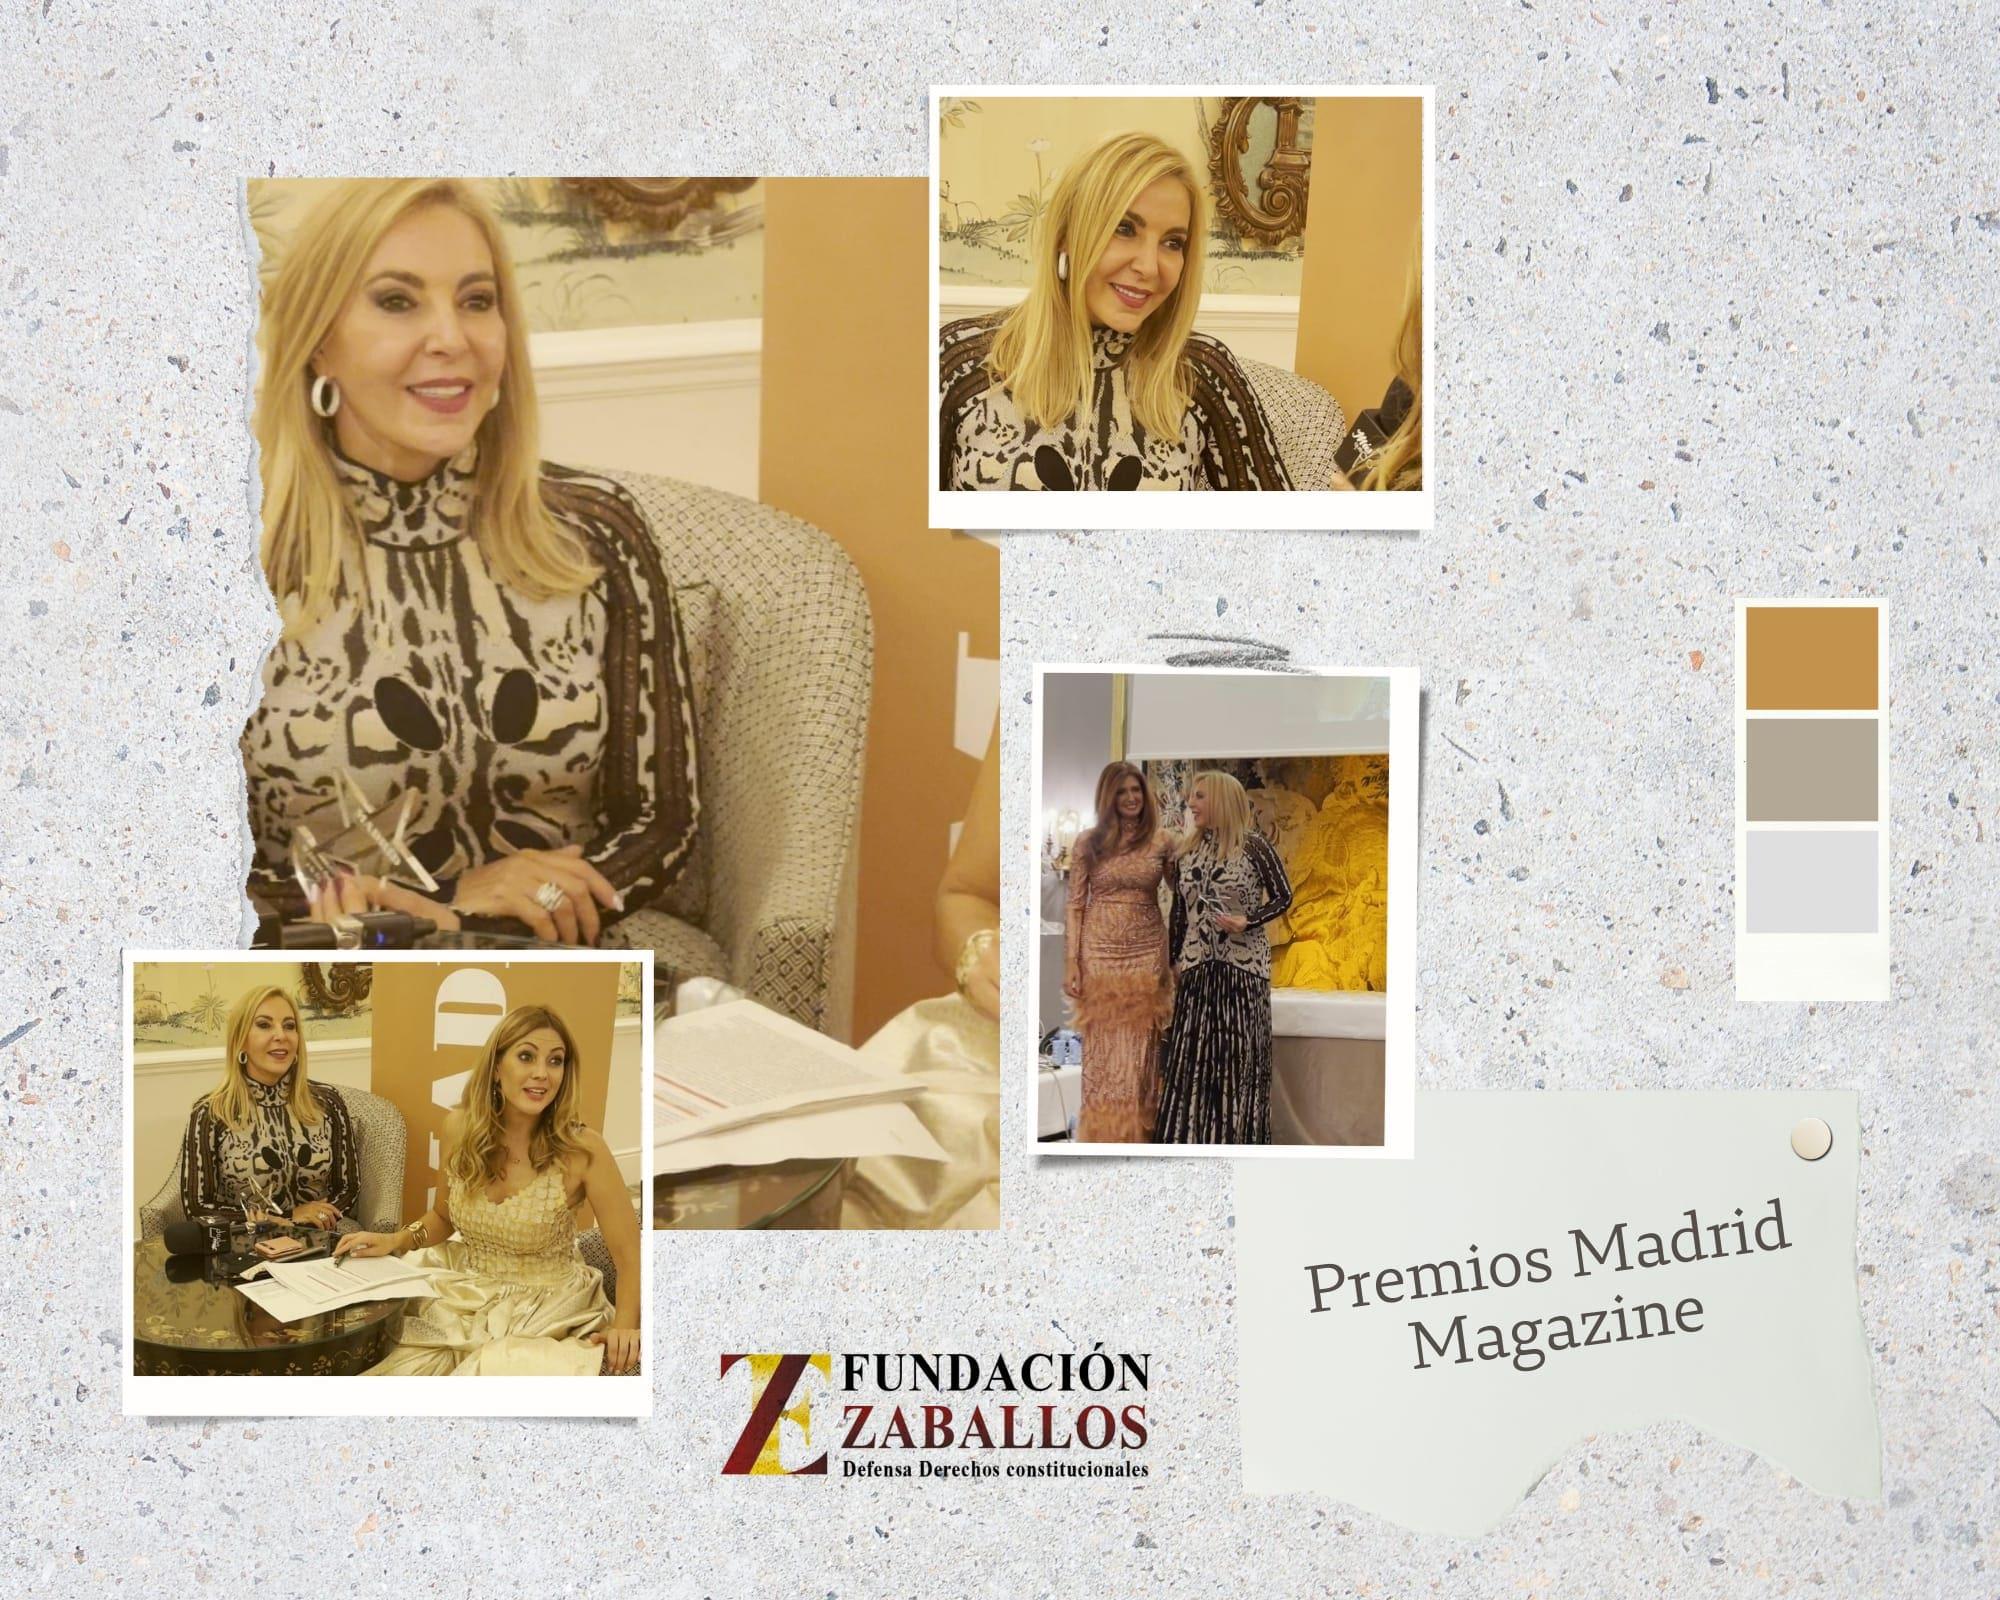 Fundación Zaballos galardonada en los Premios Madrid Magazine